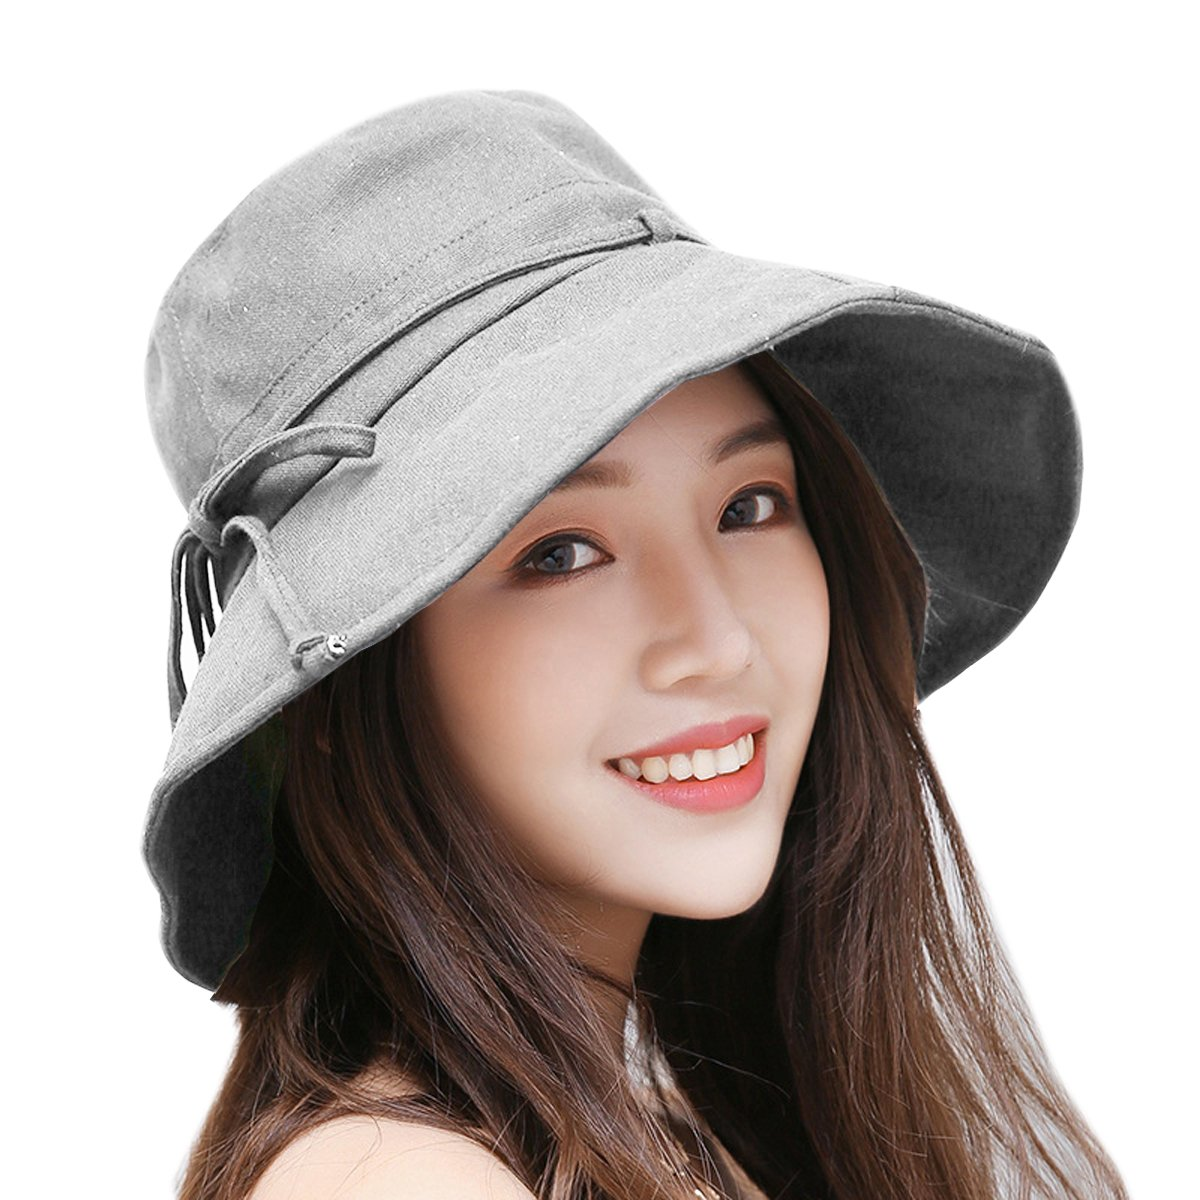 HAPEE Sun Hats for Women,Lovely Summer Ladies Sun Hat Floppy,Packable,uv Protection UPF 50+ NT2373-BG